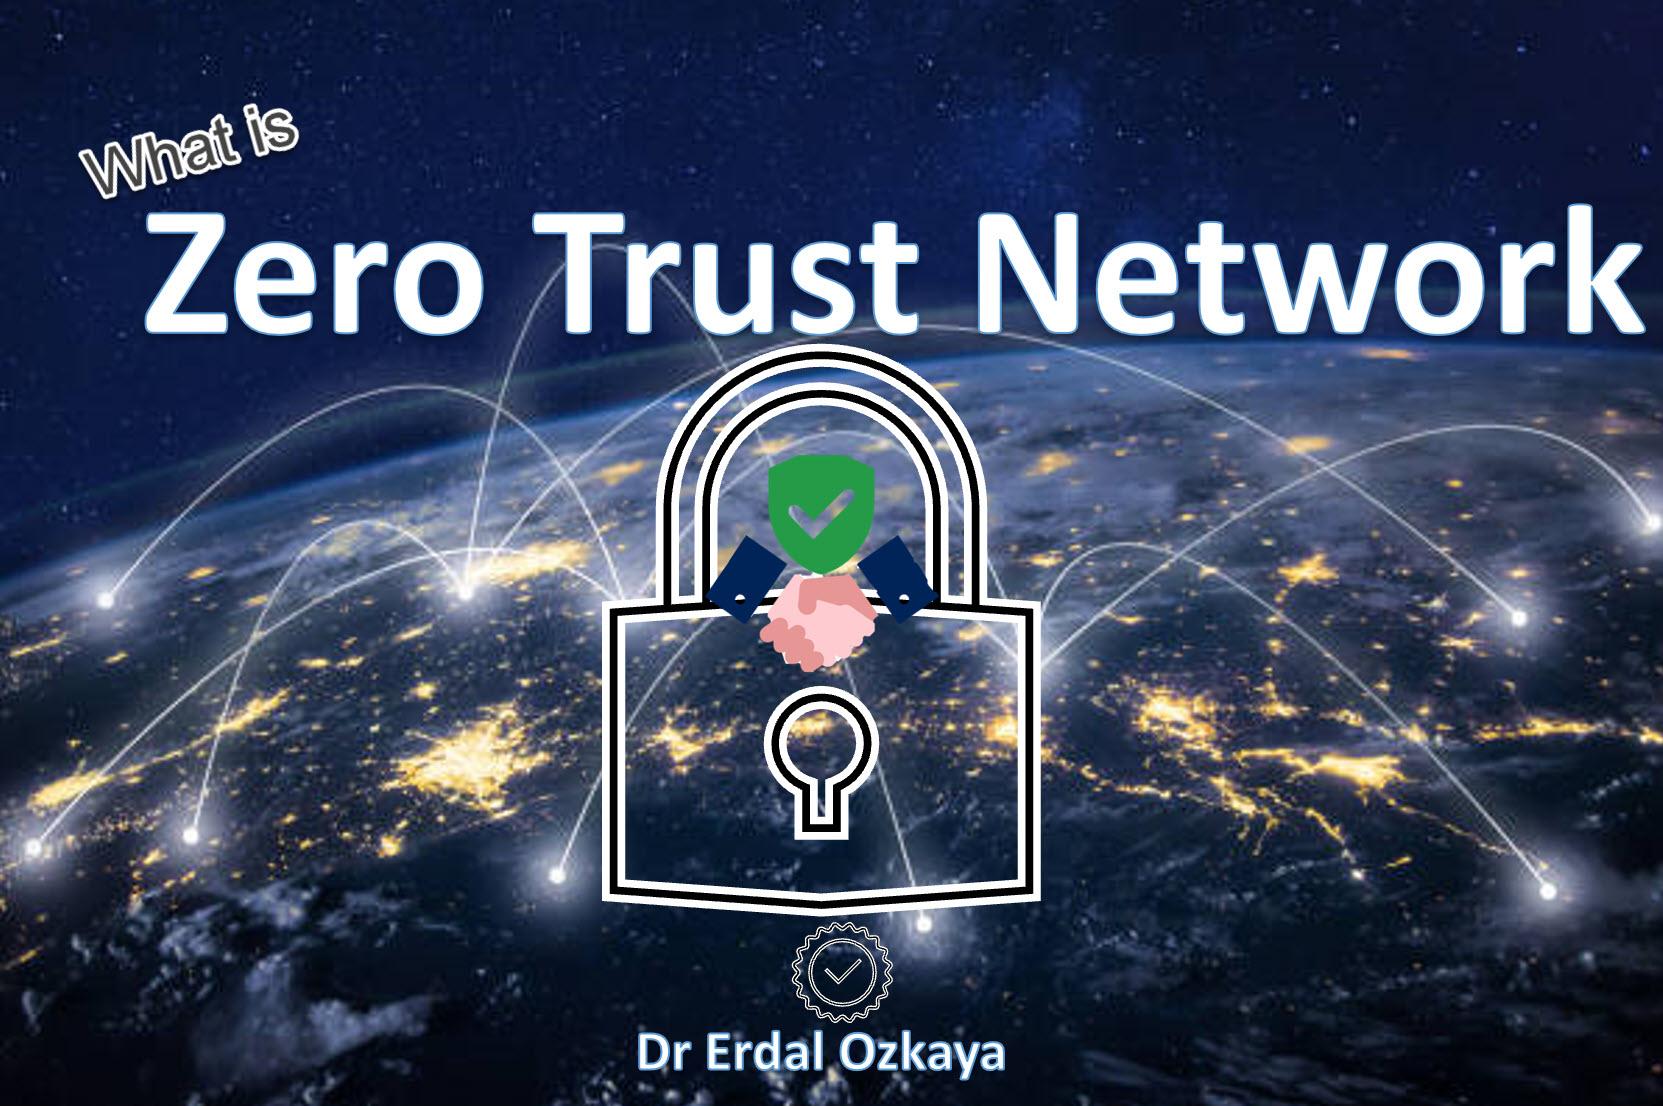 Zero Trust Network